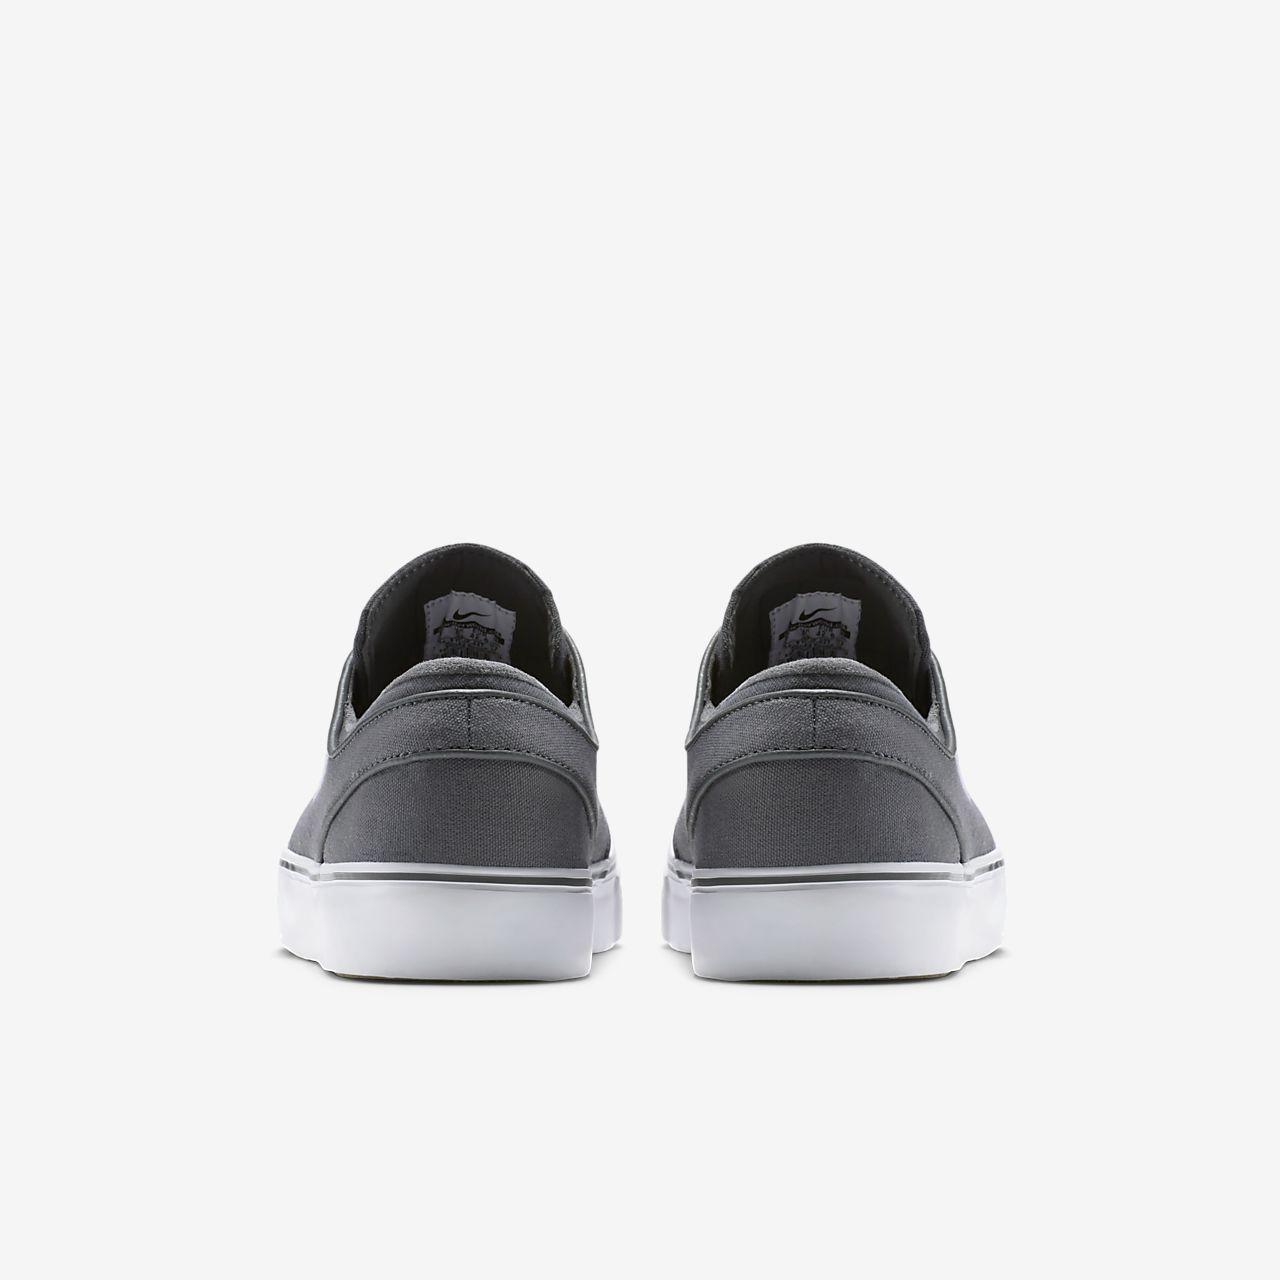 nowy haj tani za pół Nike SB Zoom Stefan Janoski Canvas Men's Skate Shoe